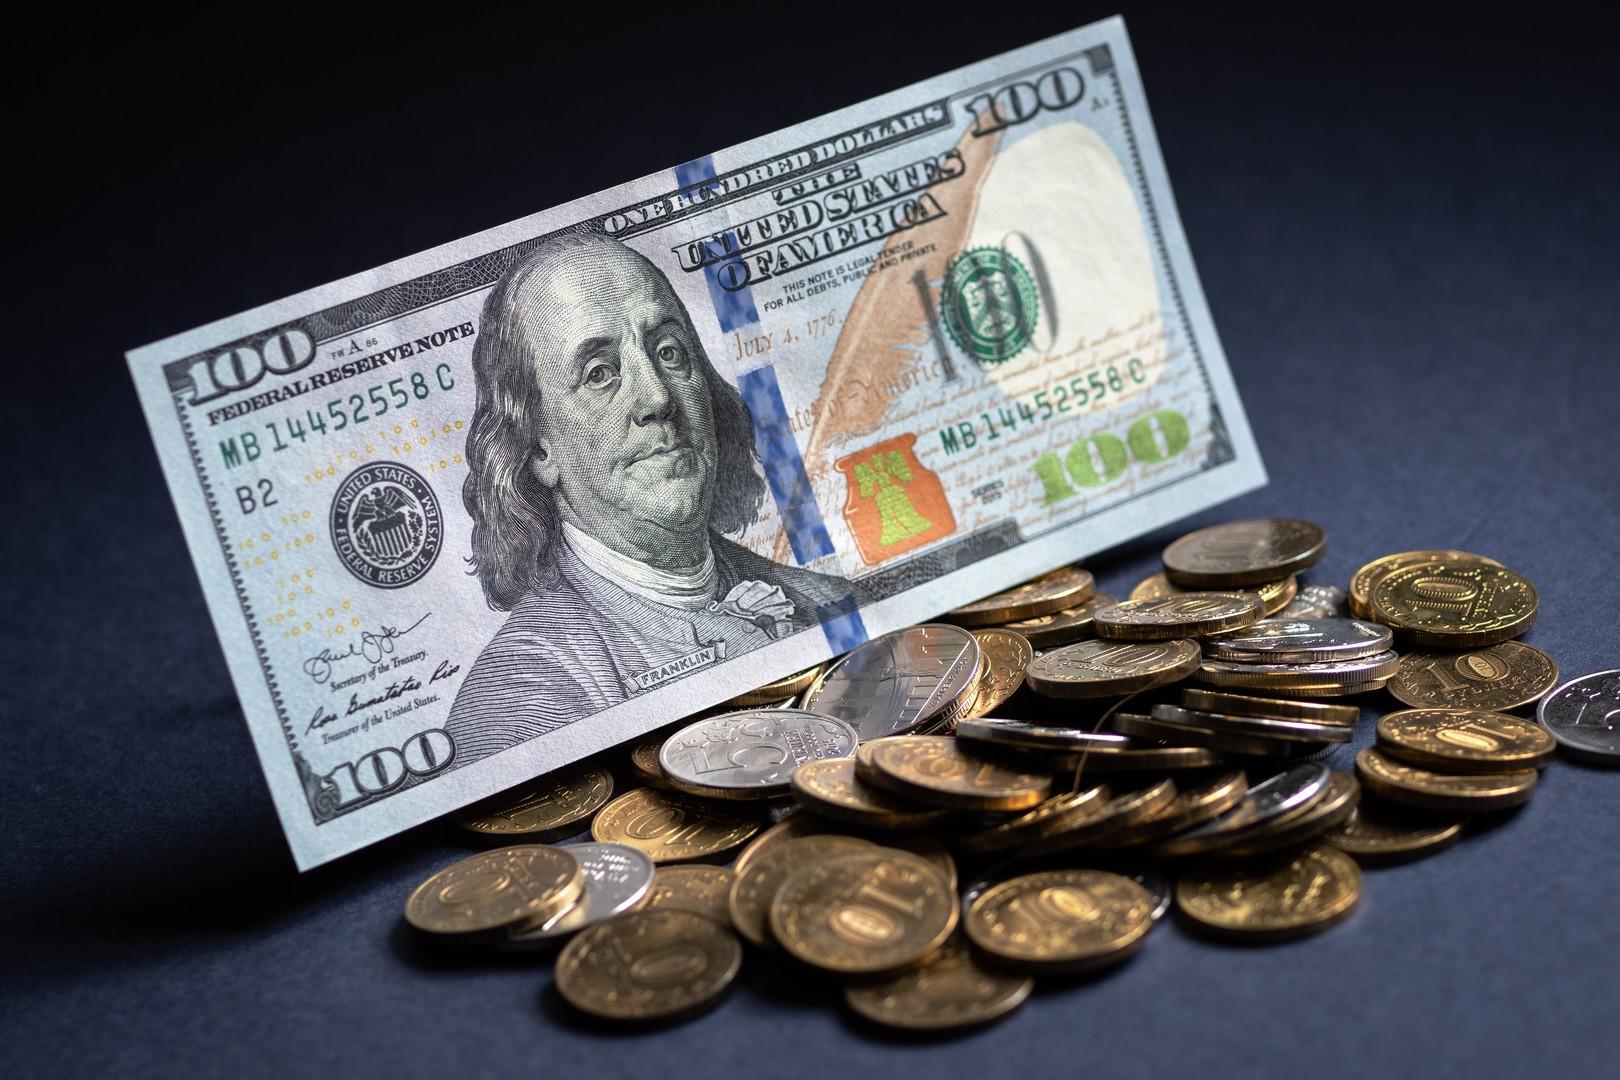 المركزي الروسي يخفض سعر الفائدة الرئيسي